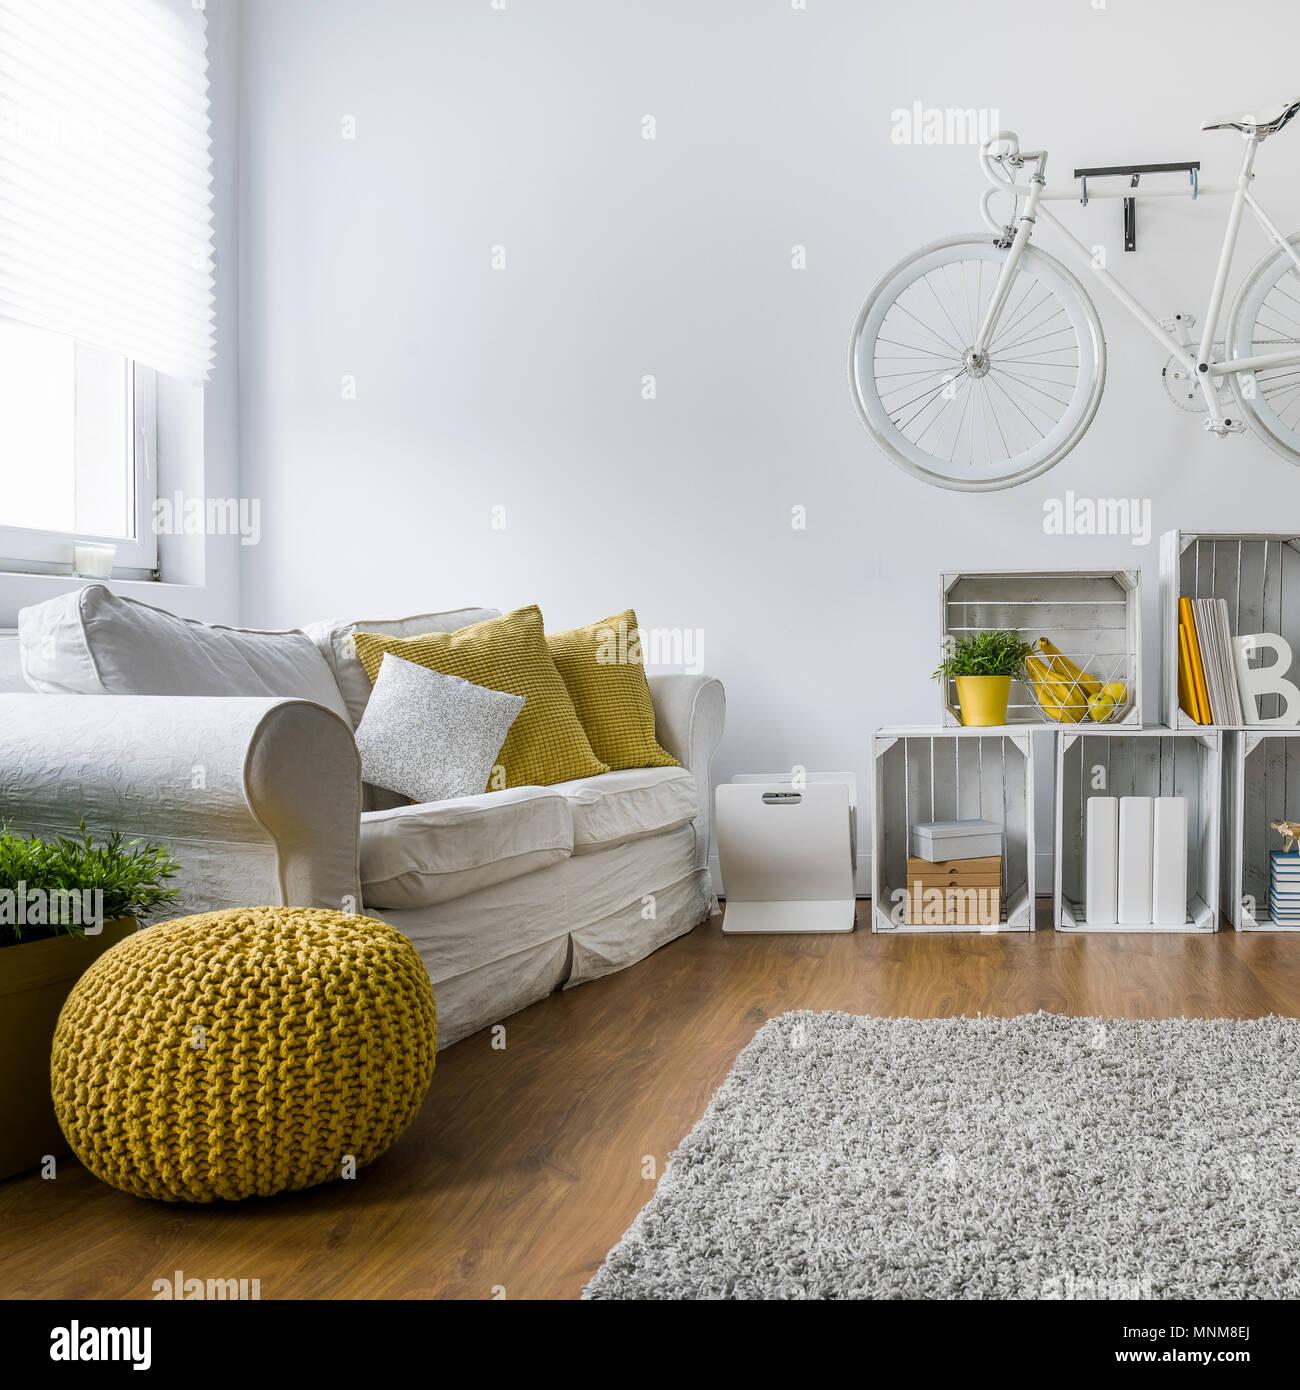 Modernes Wohnzimmer Mit Einem Sofa, Teppich, Holzpaneele Und Bike Hängen An  Der Wand